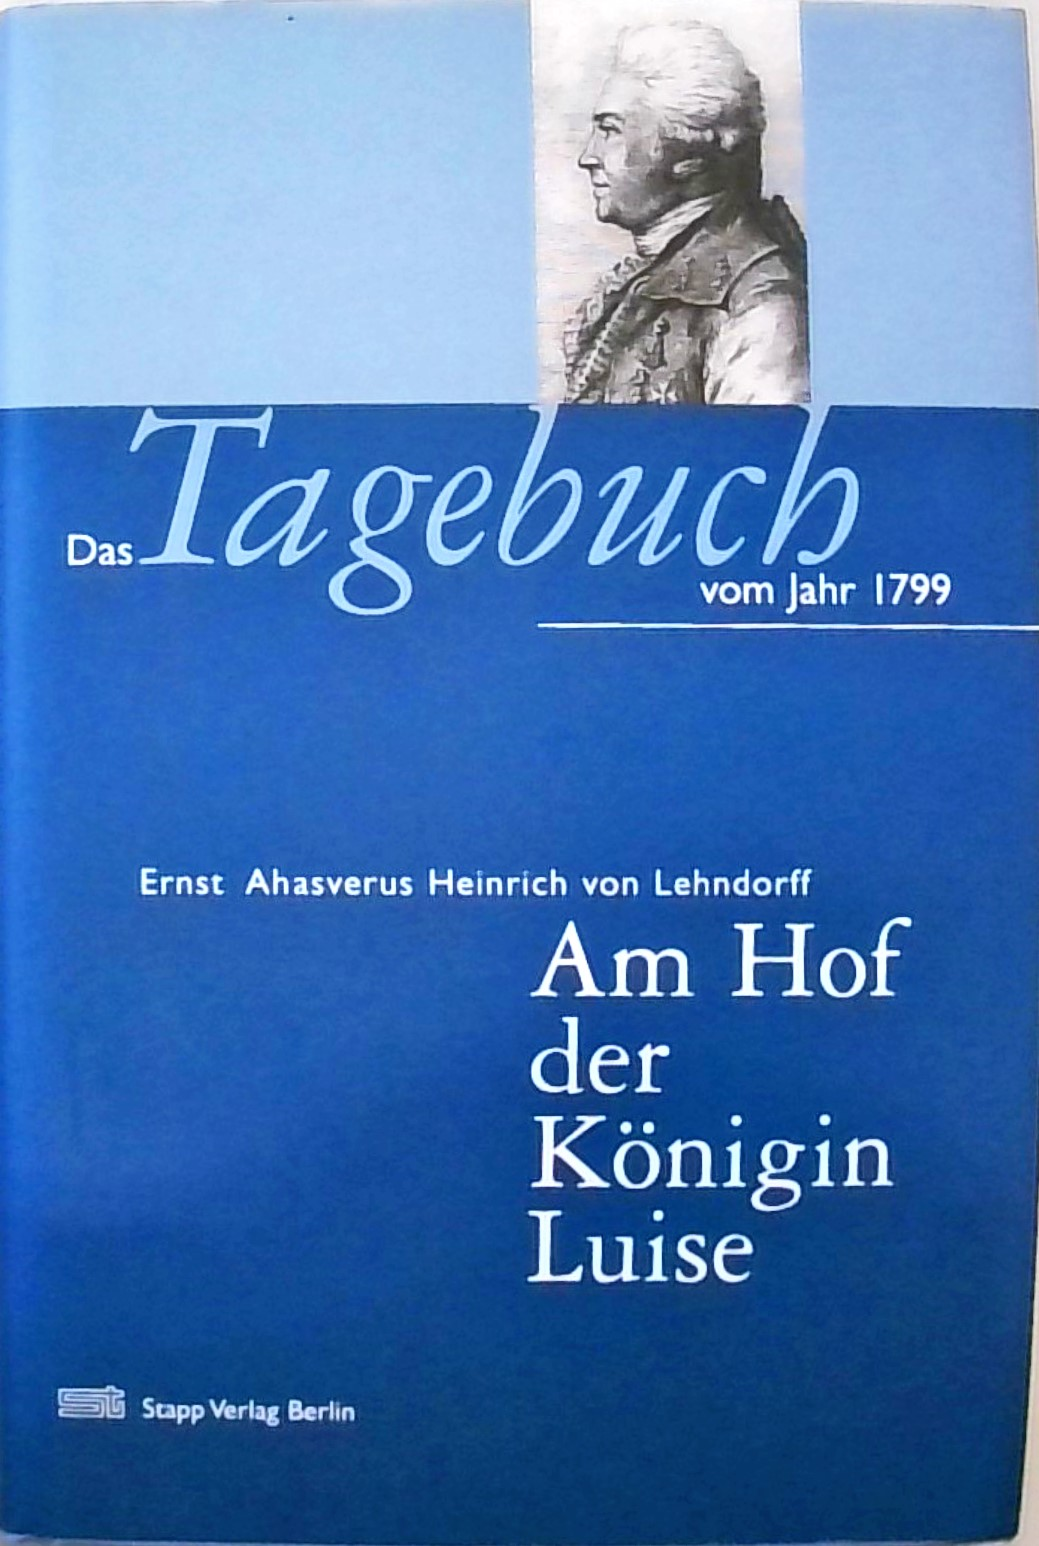 Am Hof der Königin Luise Das Tagebuch von 1799 - Lehndorff, Ernst A von, Eva Ziebura und Ingolf Sellack